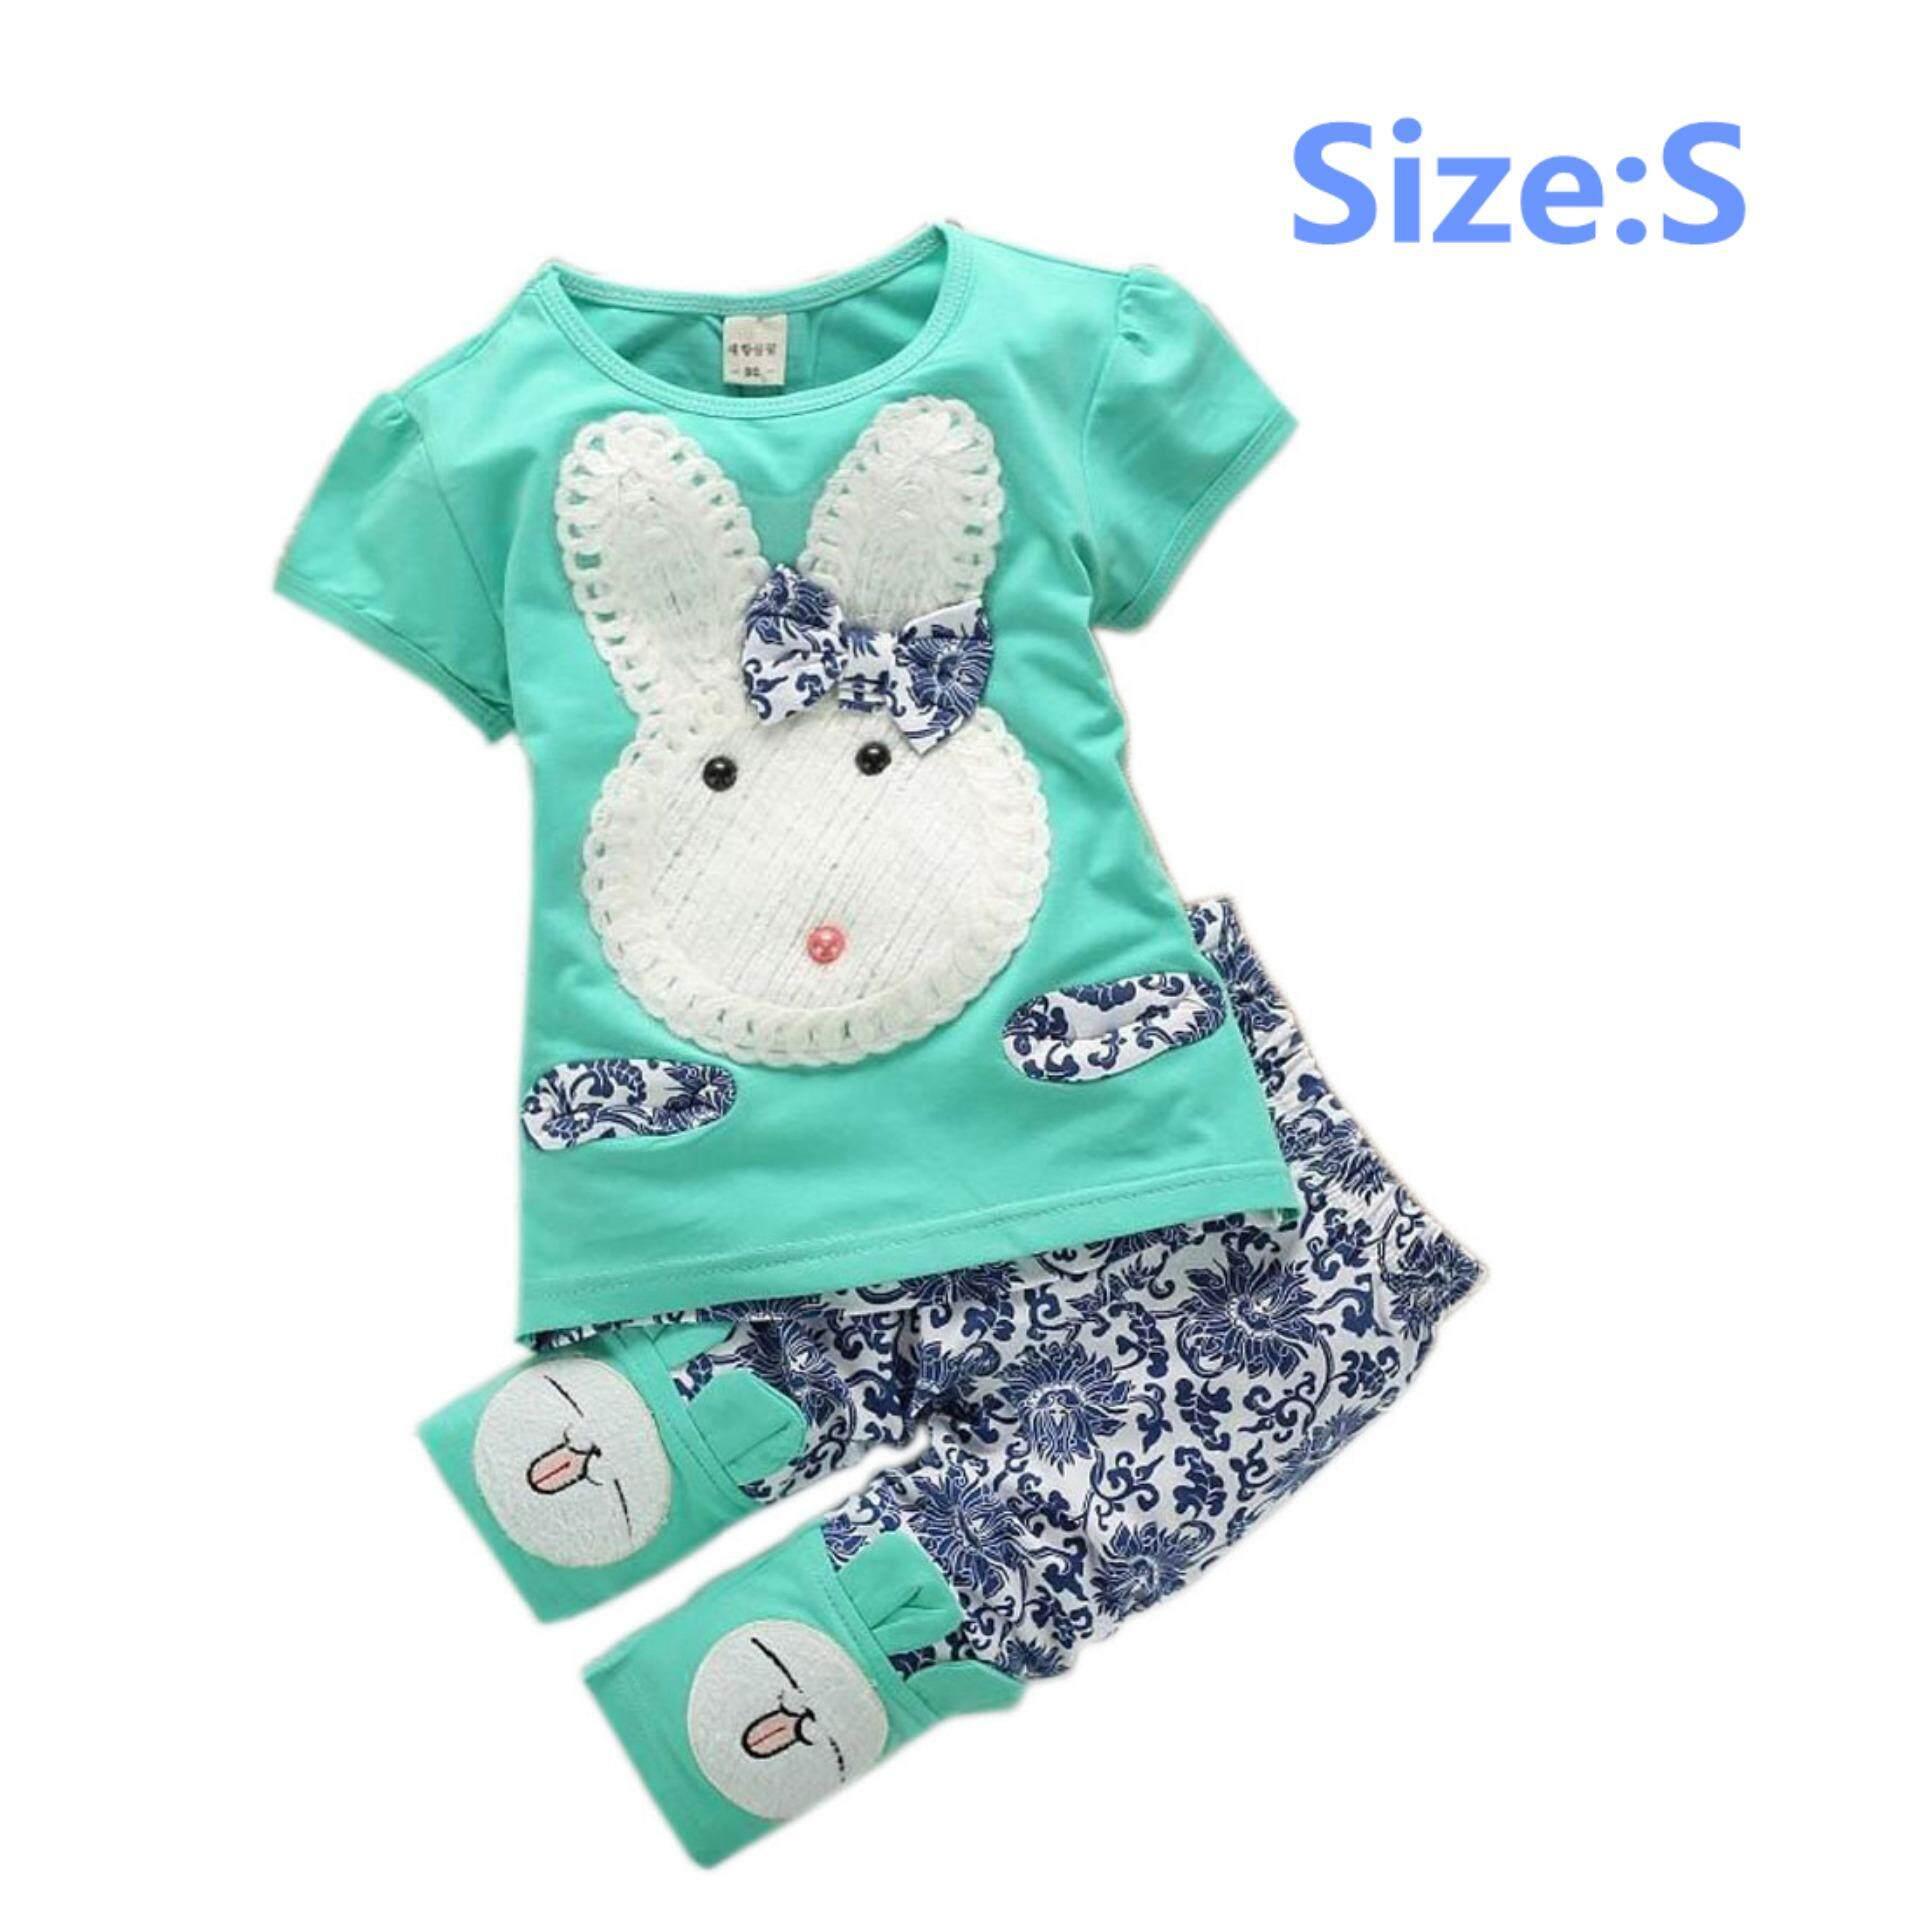 ซื้อ Ybc 2 ชิ้นเด็กยอดนิยม กางเกงขาสั้นชุดกระต่ายน่ารักเสื้อผ้าสีเขียว N สนามบินนานาชาติ ใน จีน